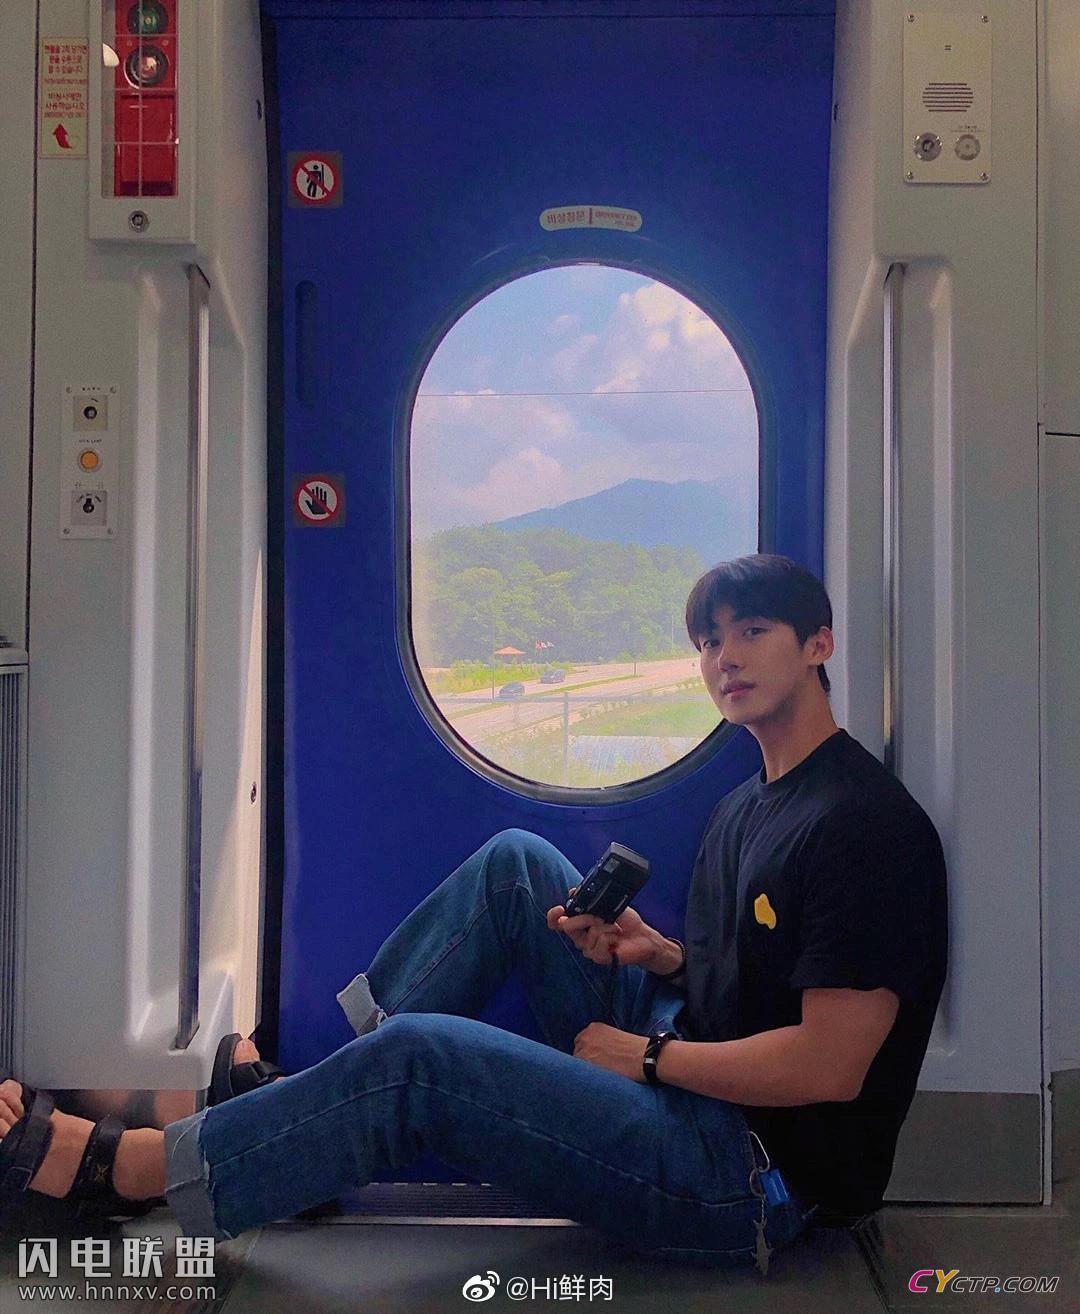 高颜值韩国小鲜肉男模帅哥迷人生活照图片